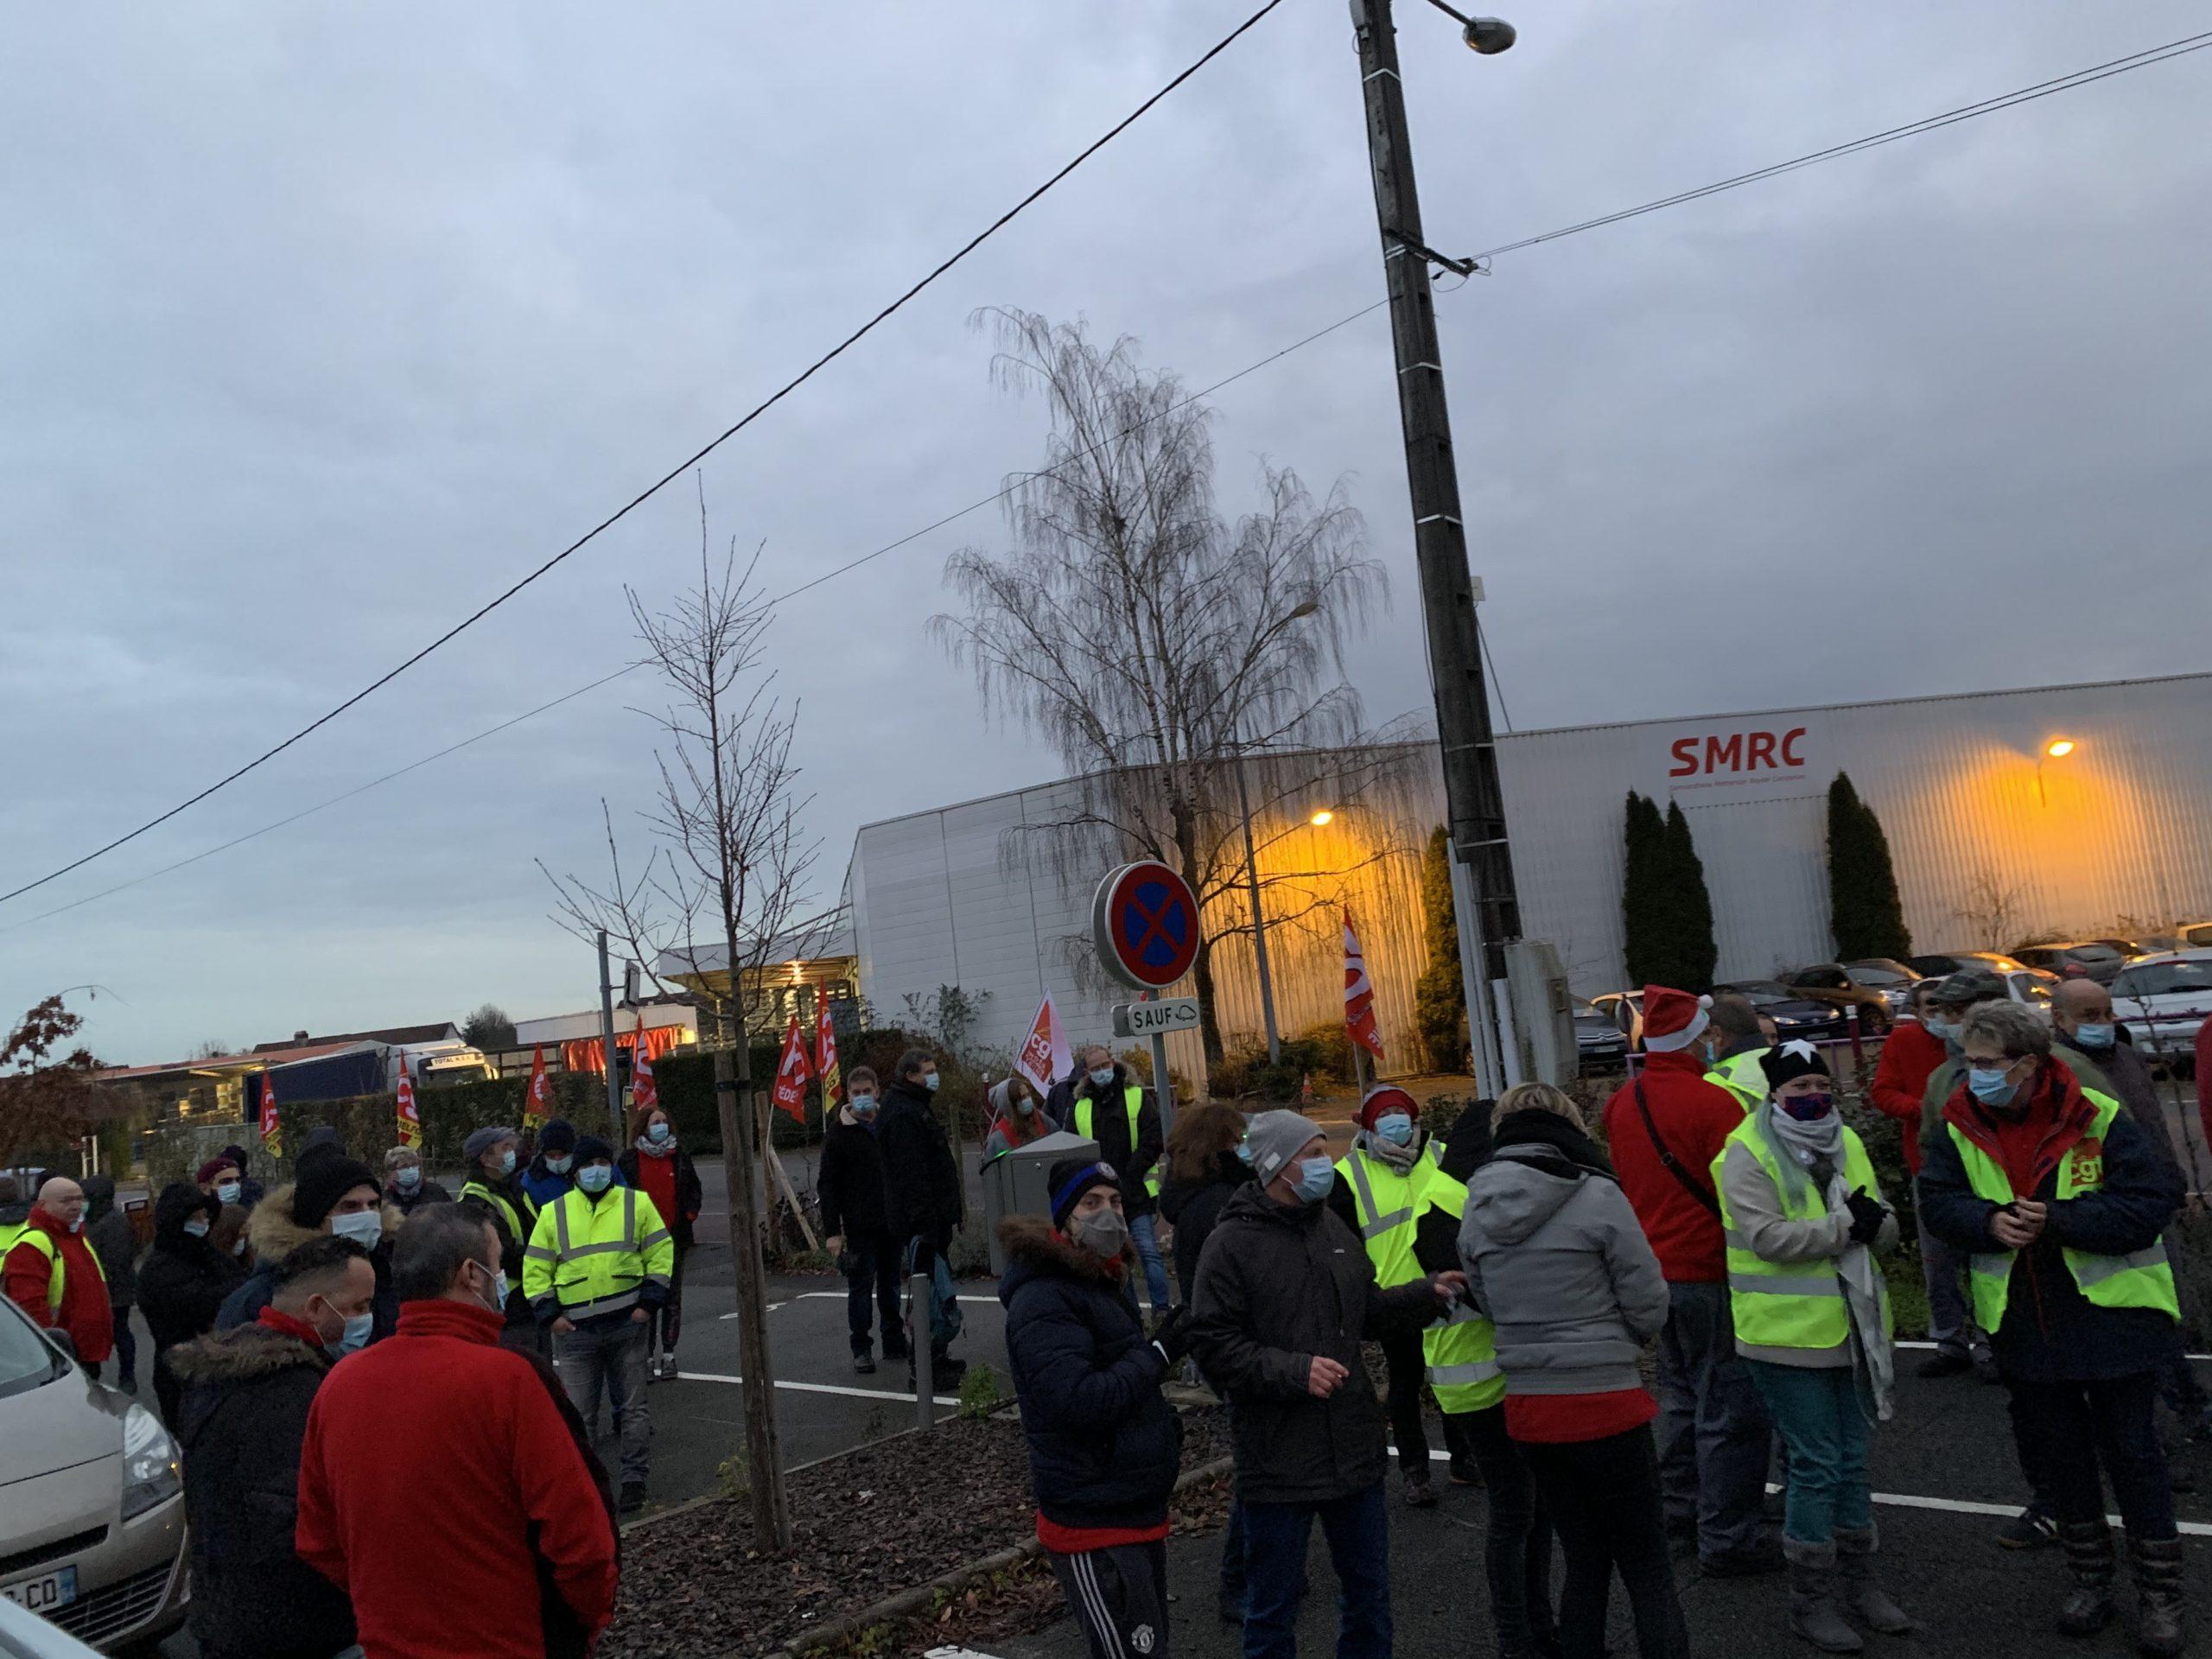 Grève devant SMRC, à Rougegoutte, dans le Territoire de Belfort.